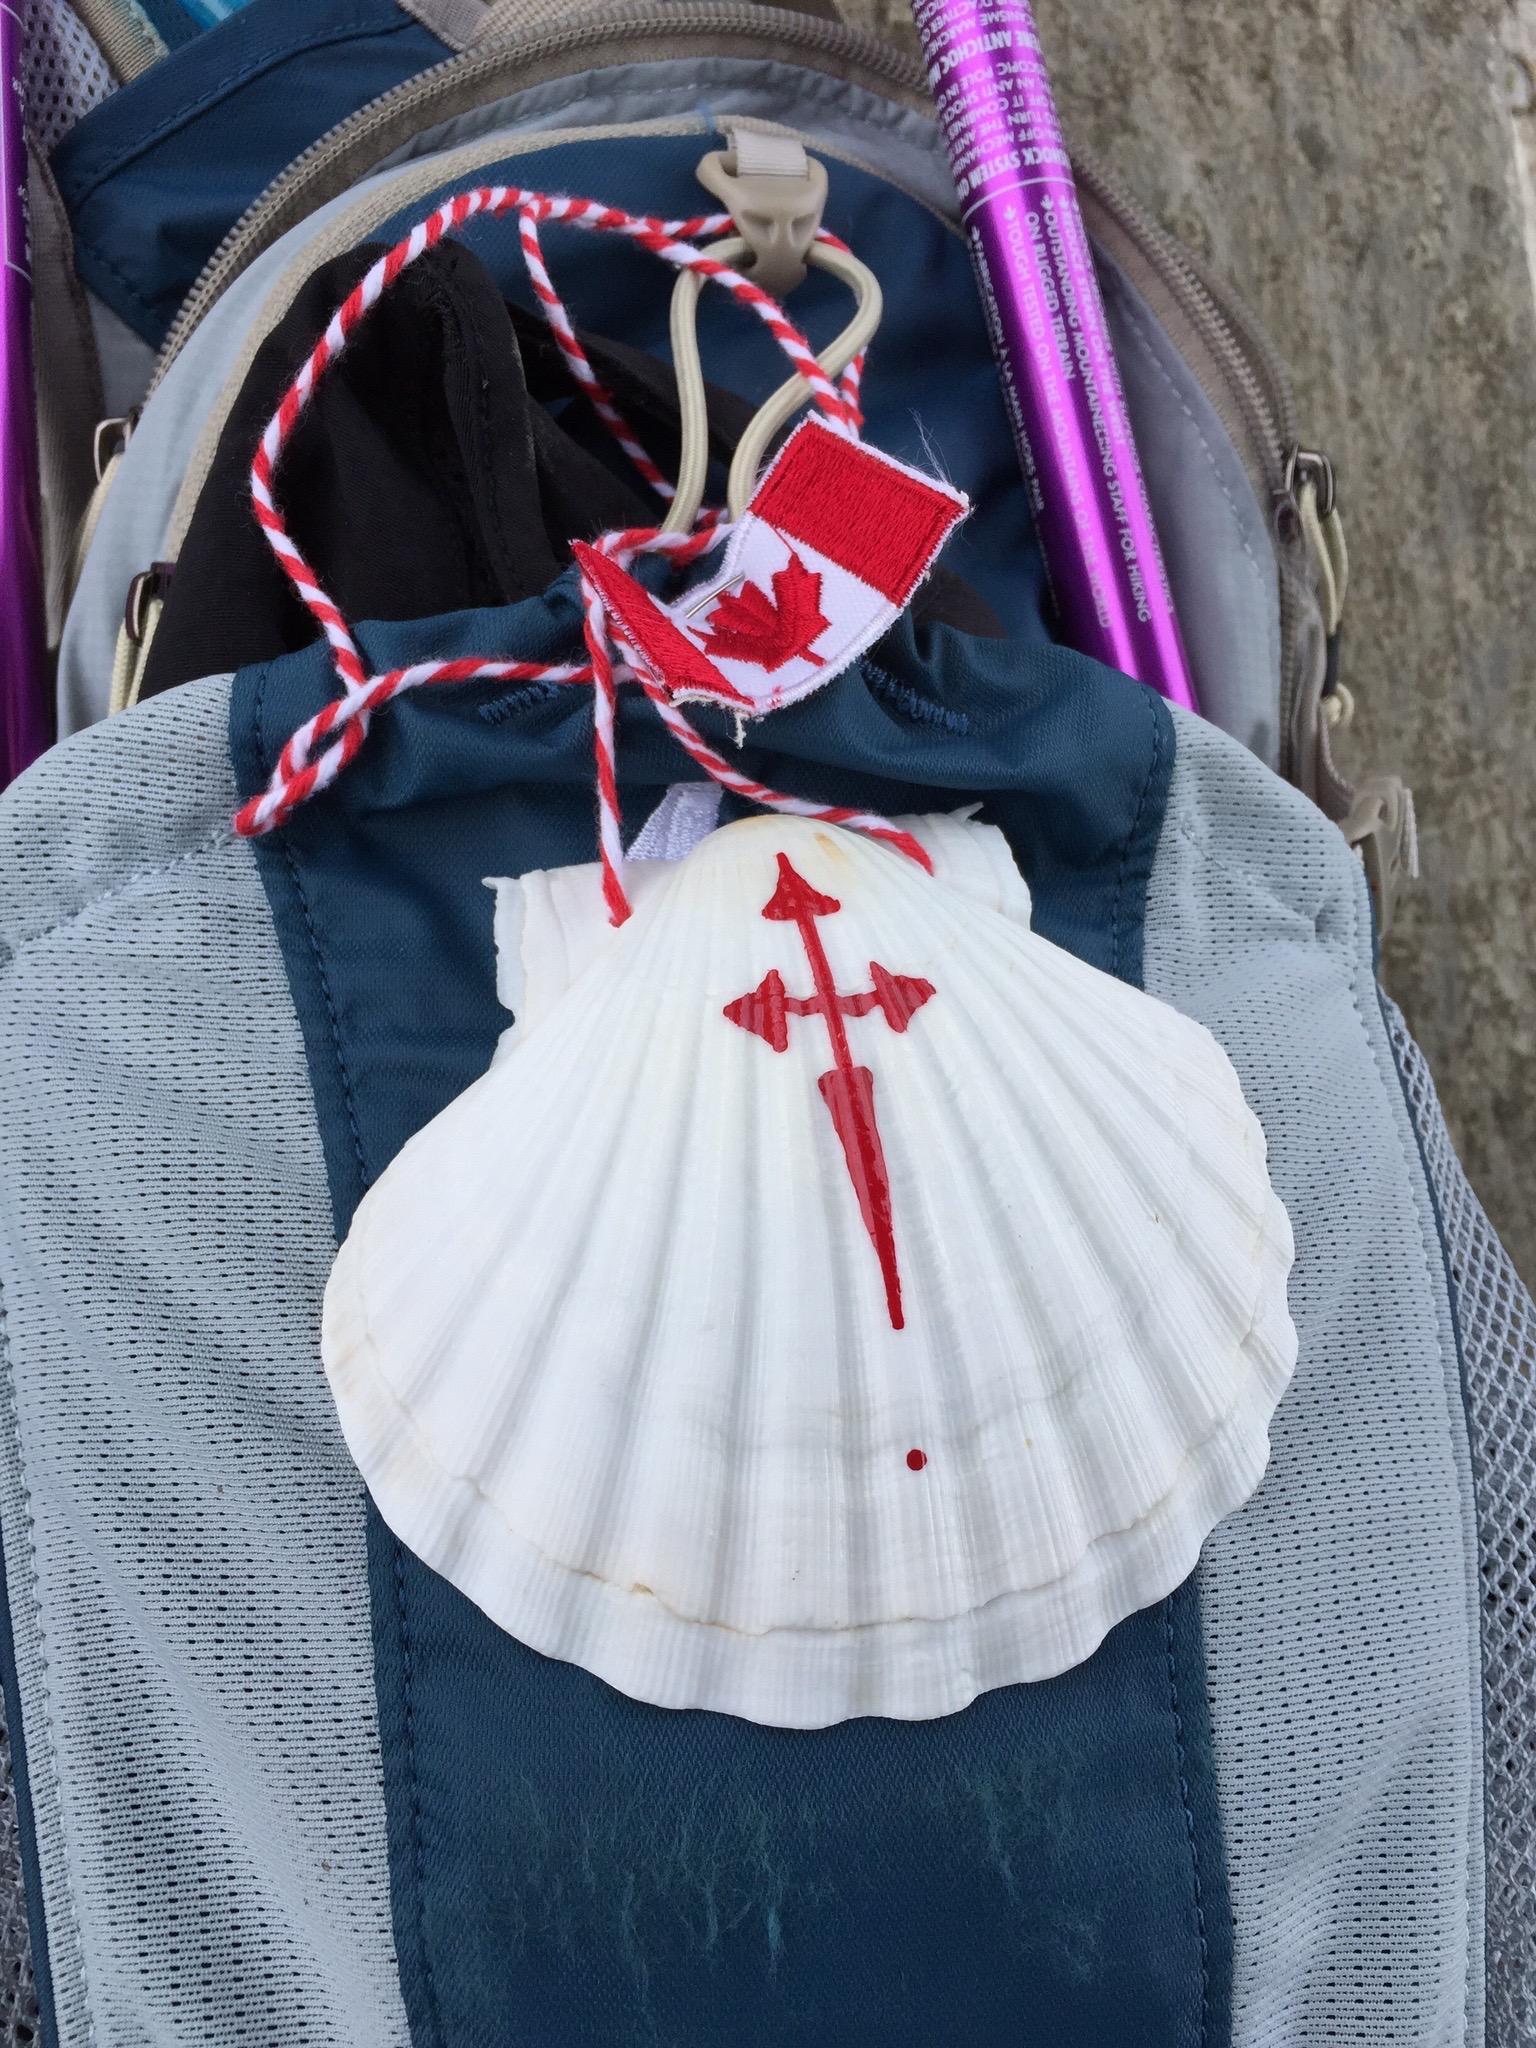 Ashram-Camino-Pilgrim-Scallop-Shell.jpg